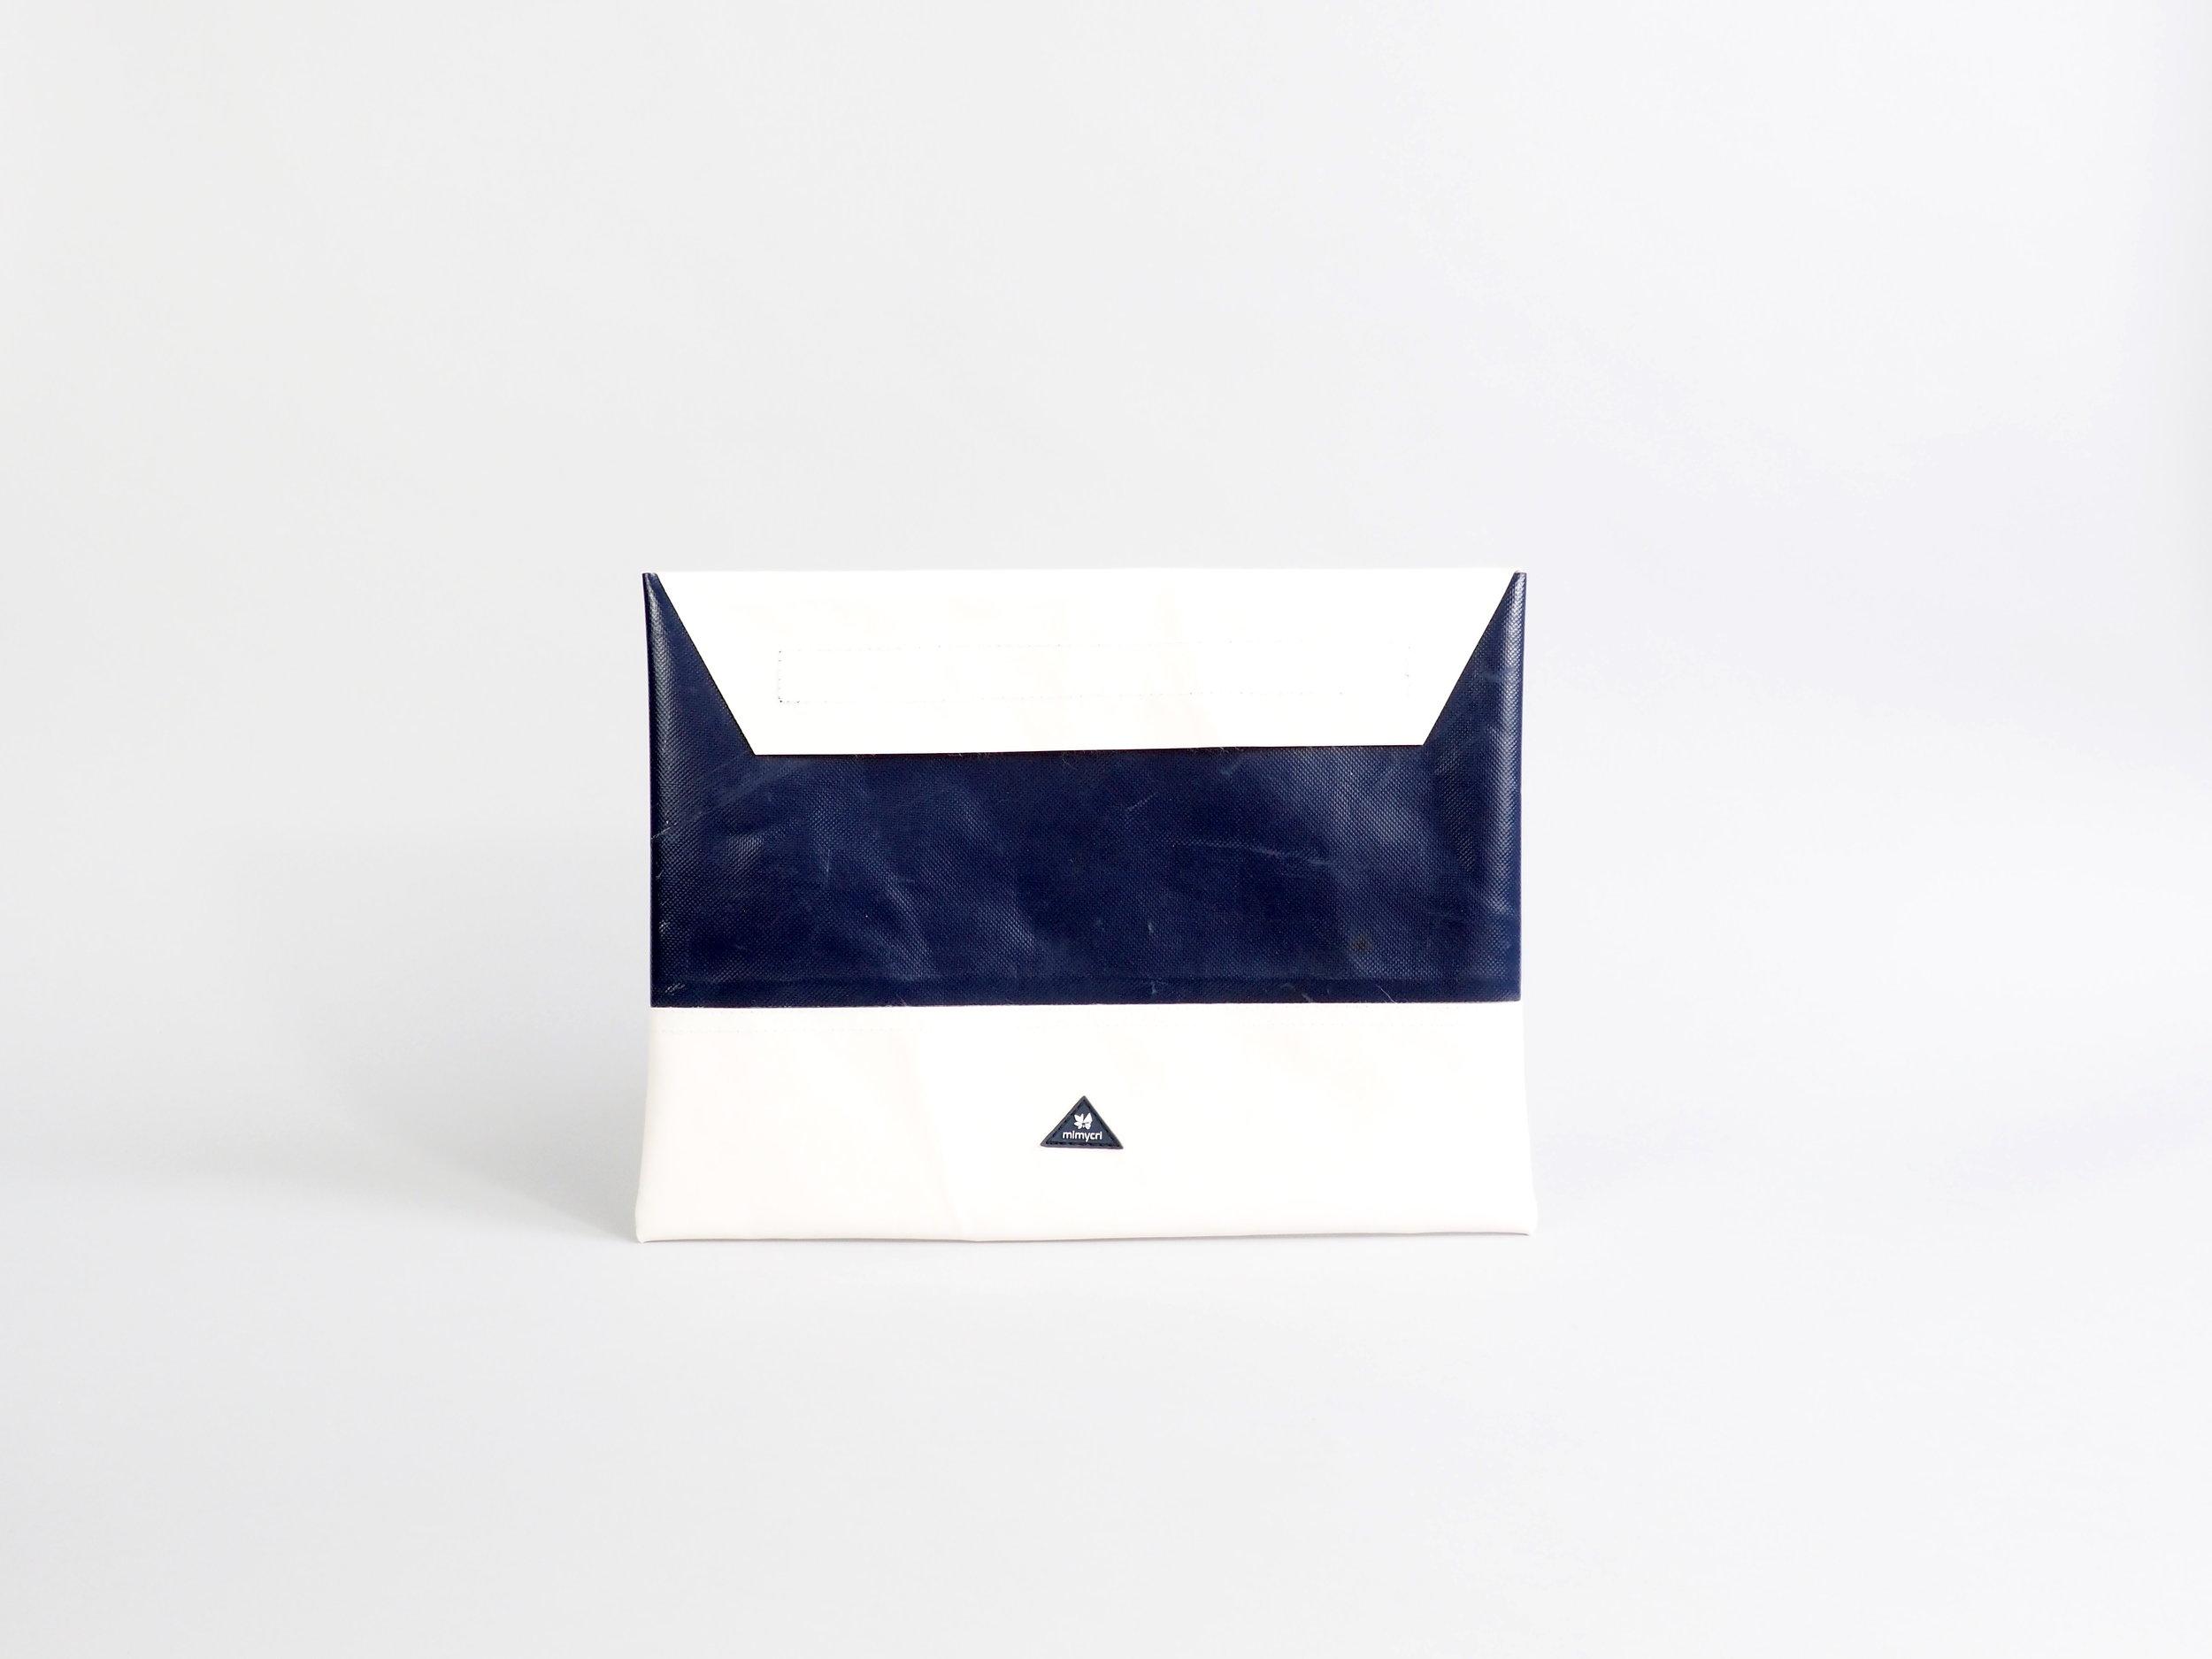 laptop blue white stehend.JPG